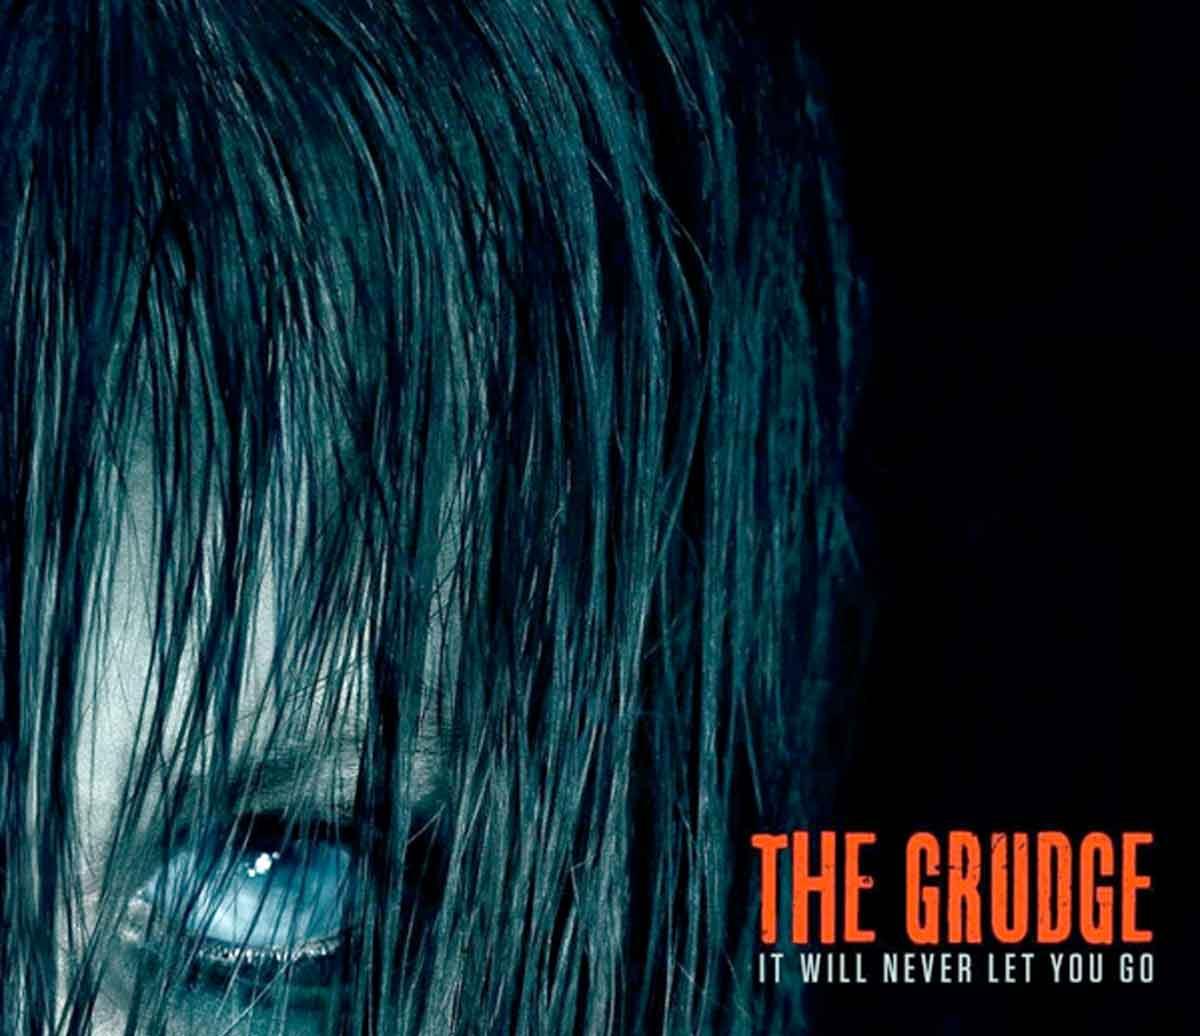 Tráiler de La maldición (The Grudge): Terror en estado puro